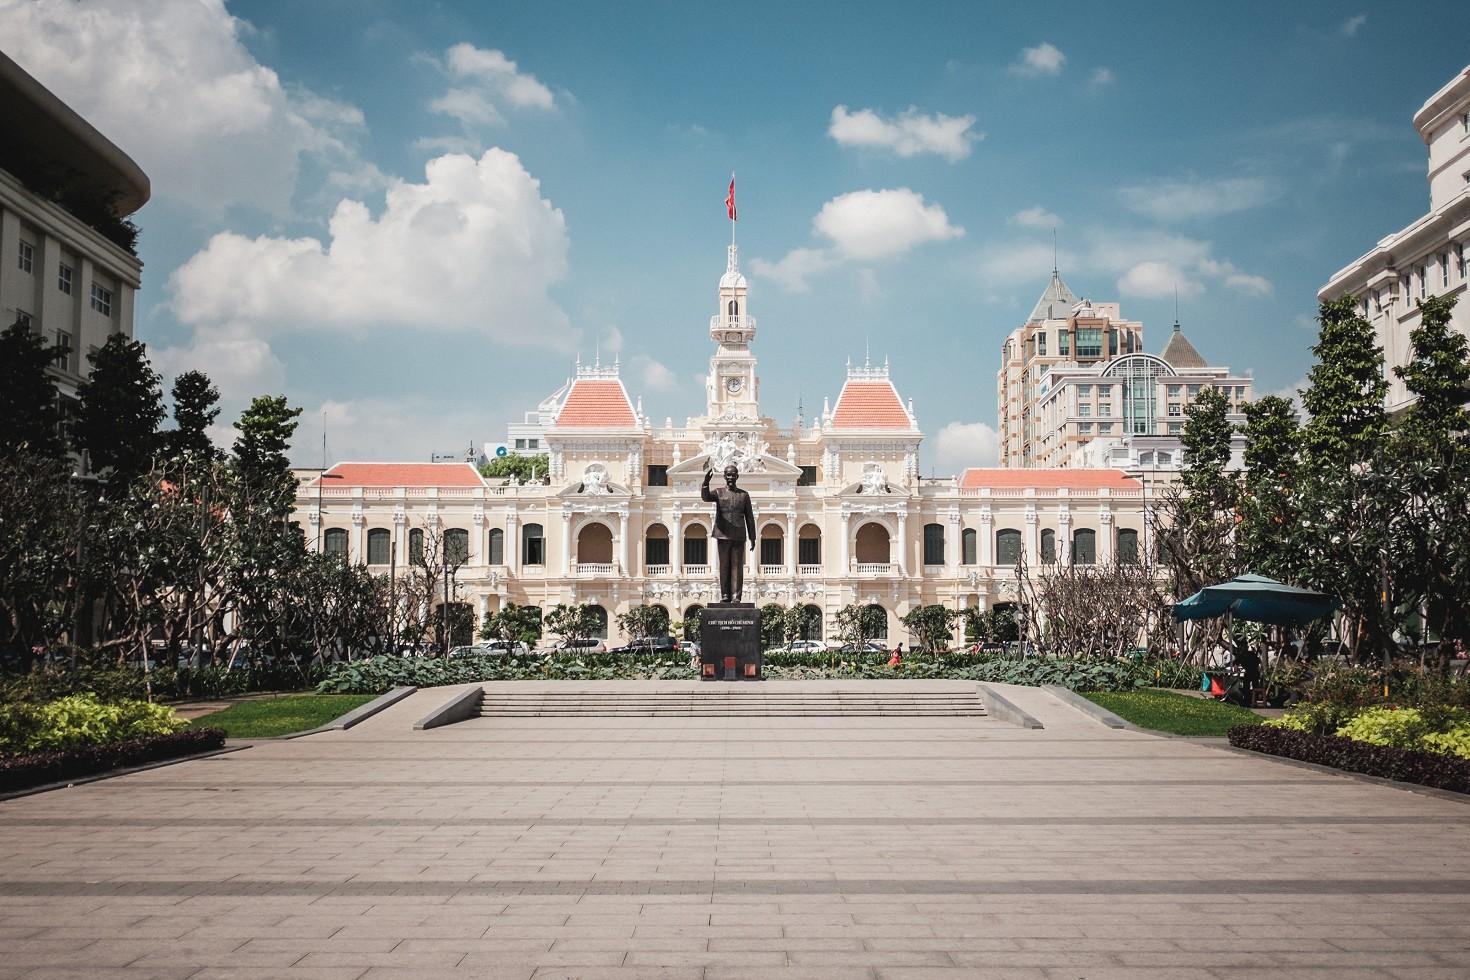 Vietnam-Ho-Chi-Minh-City-Saigon-Reportage (9 von 16)